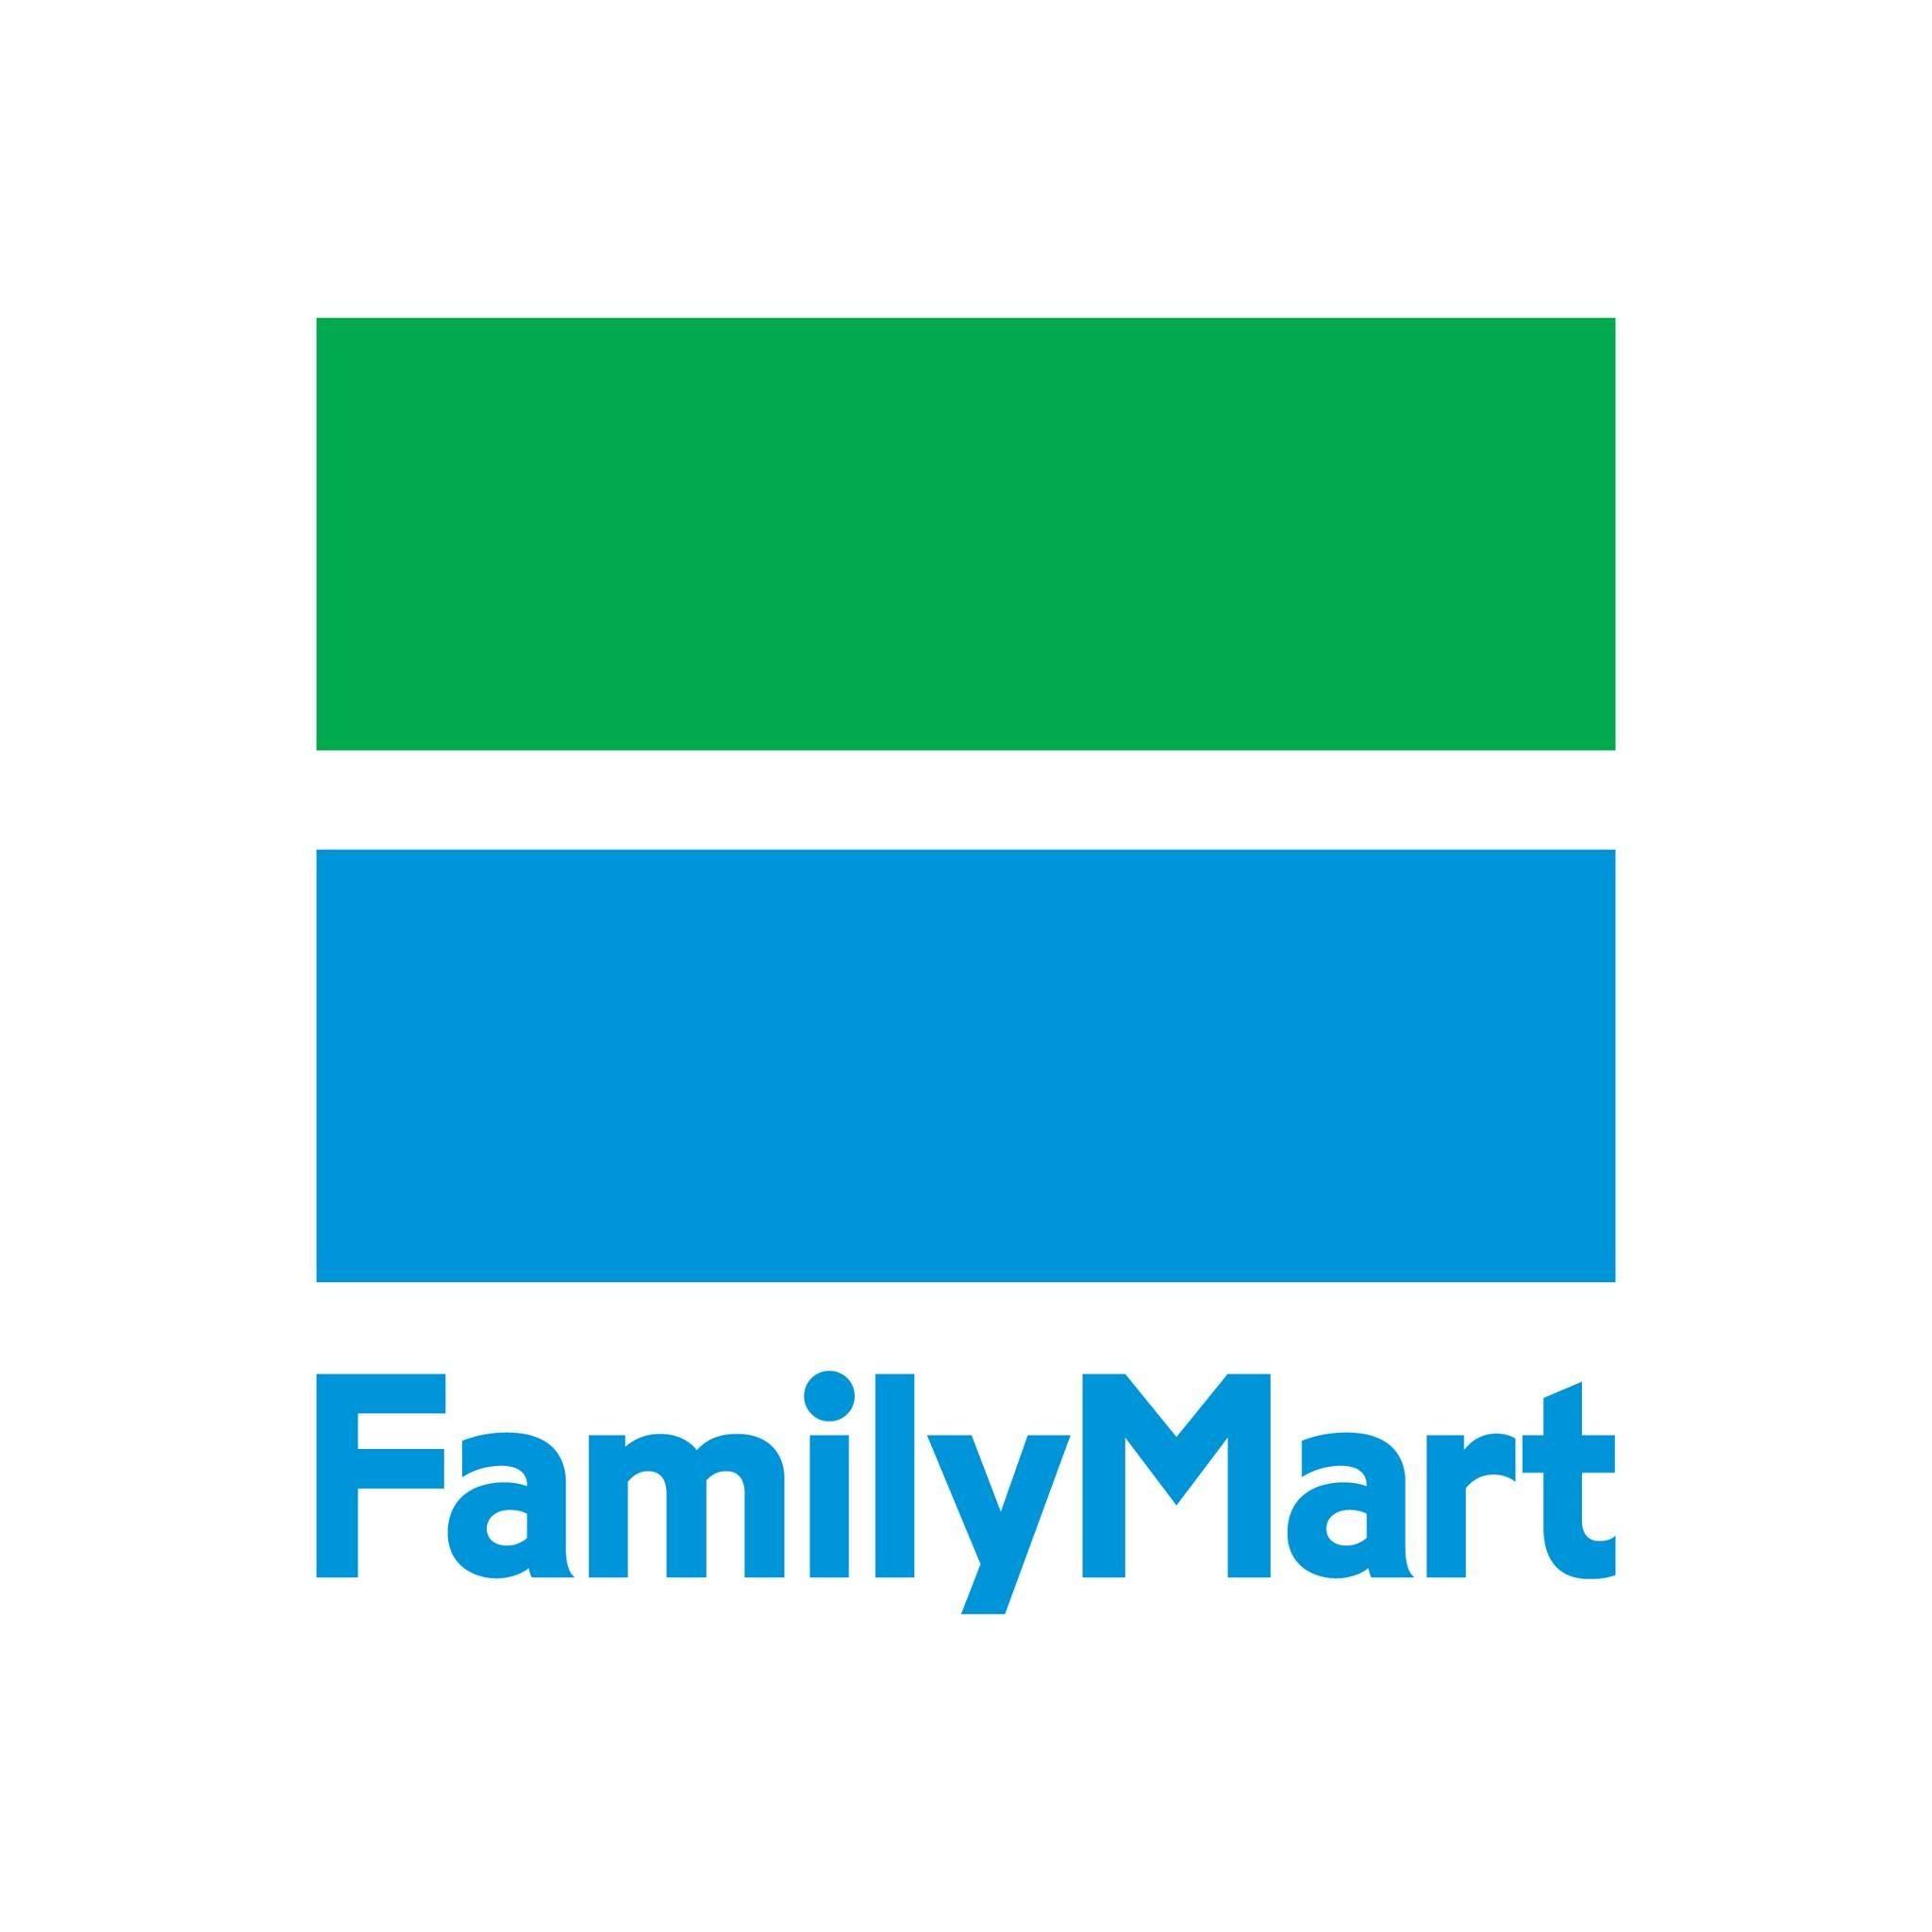 Family Mart Malaysia